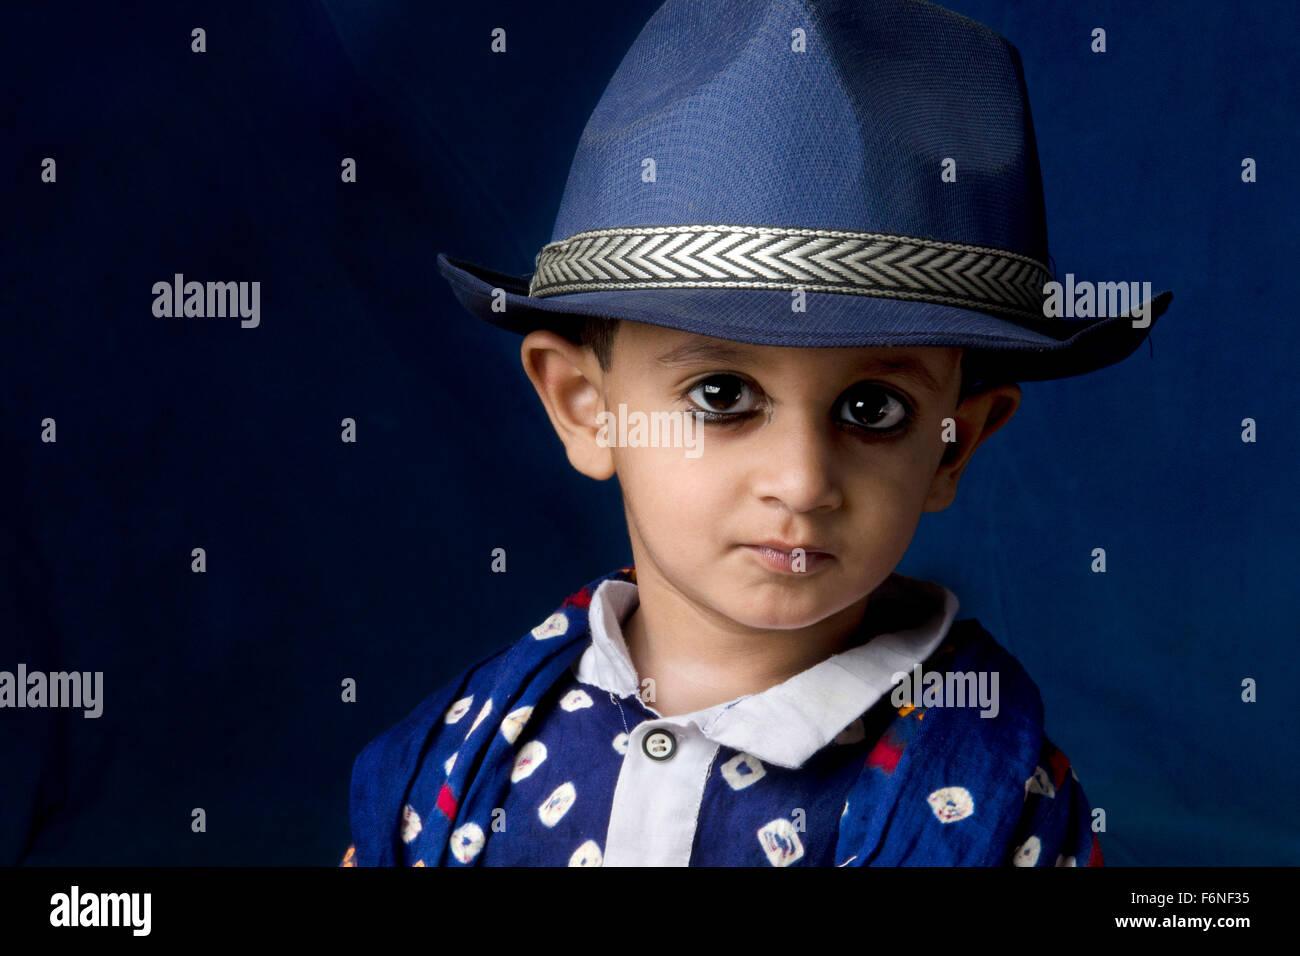 3f3aa144ec0c5 Boy wearing hat